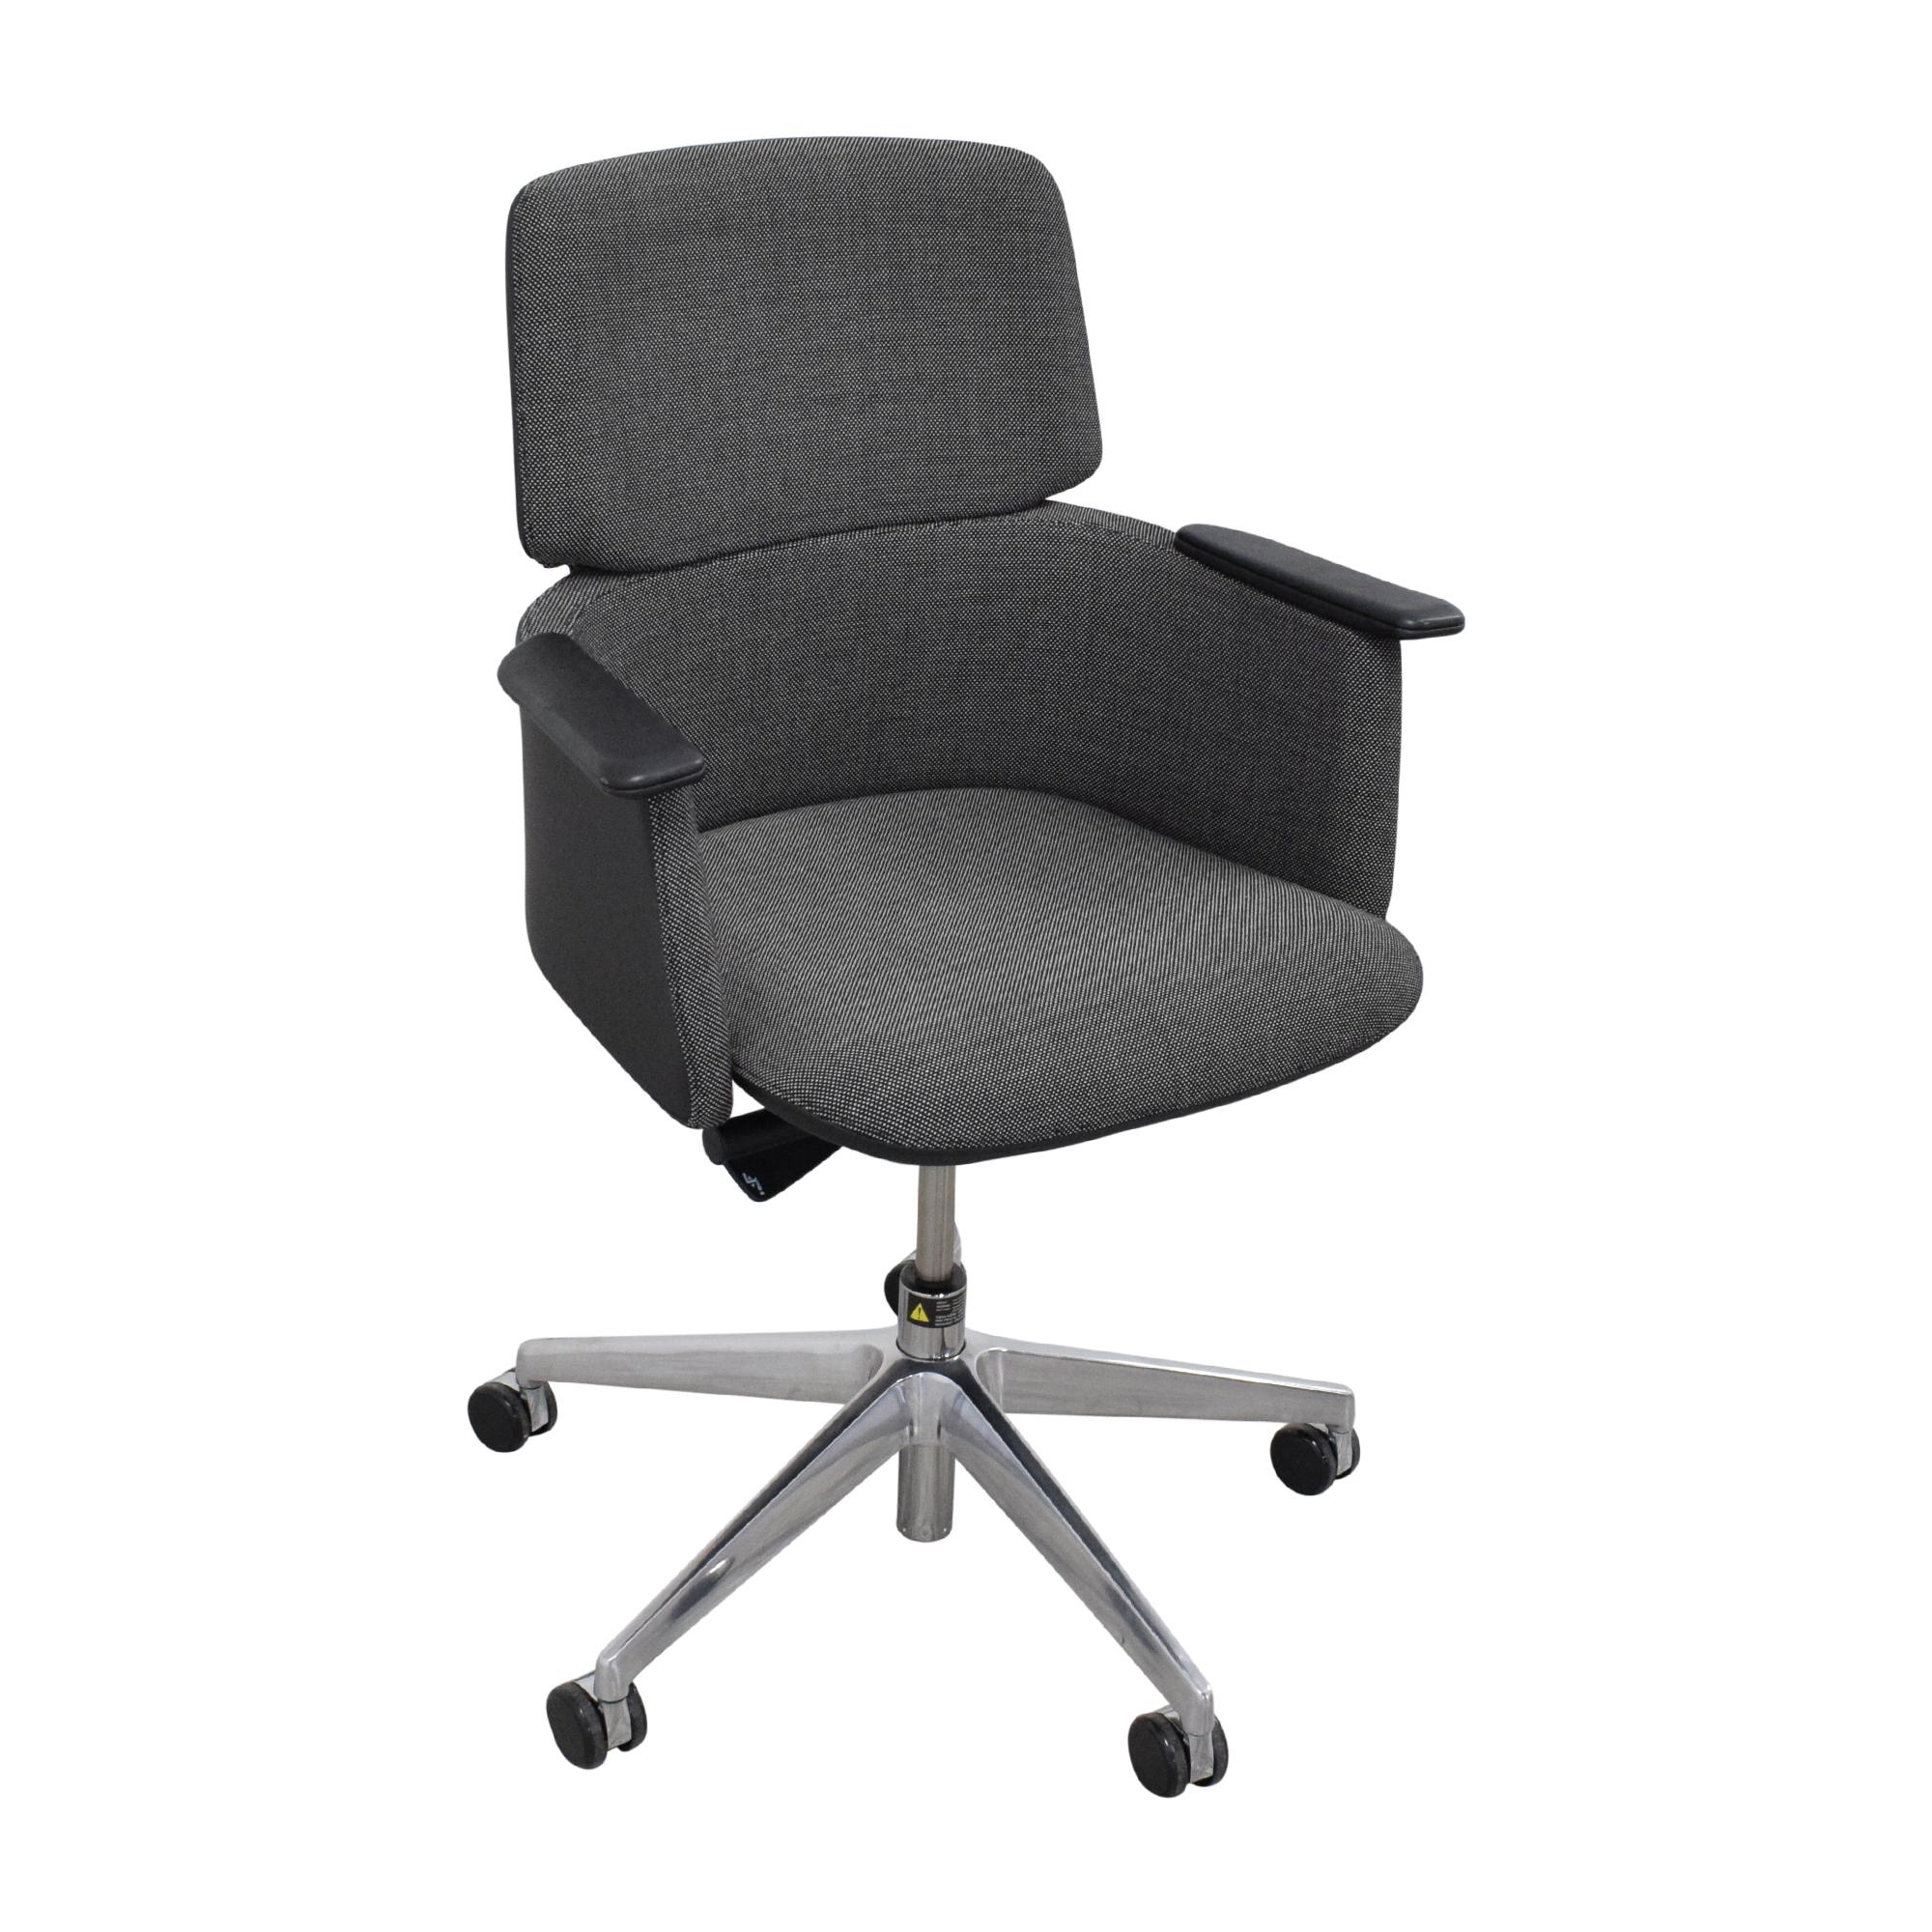 Koleksiyon Tola Task Chair sale